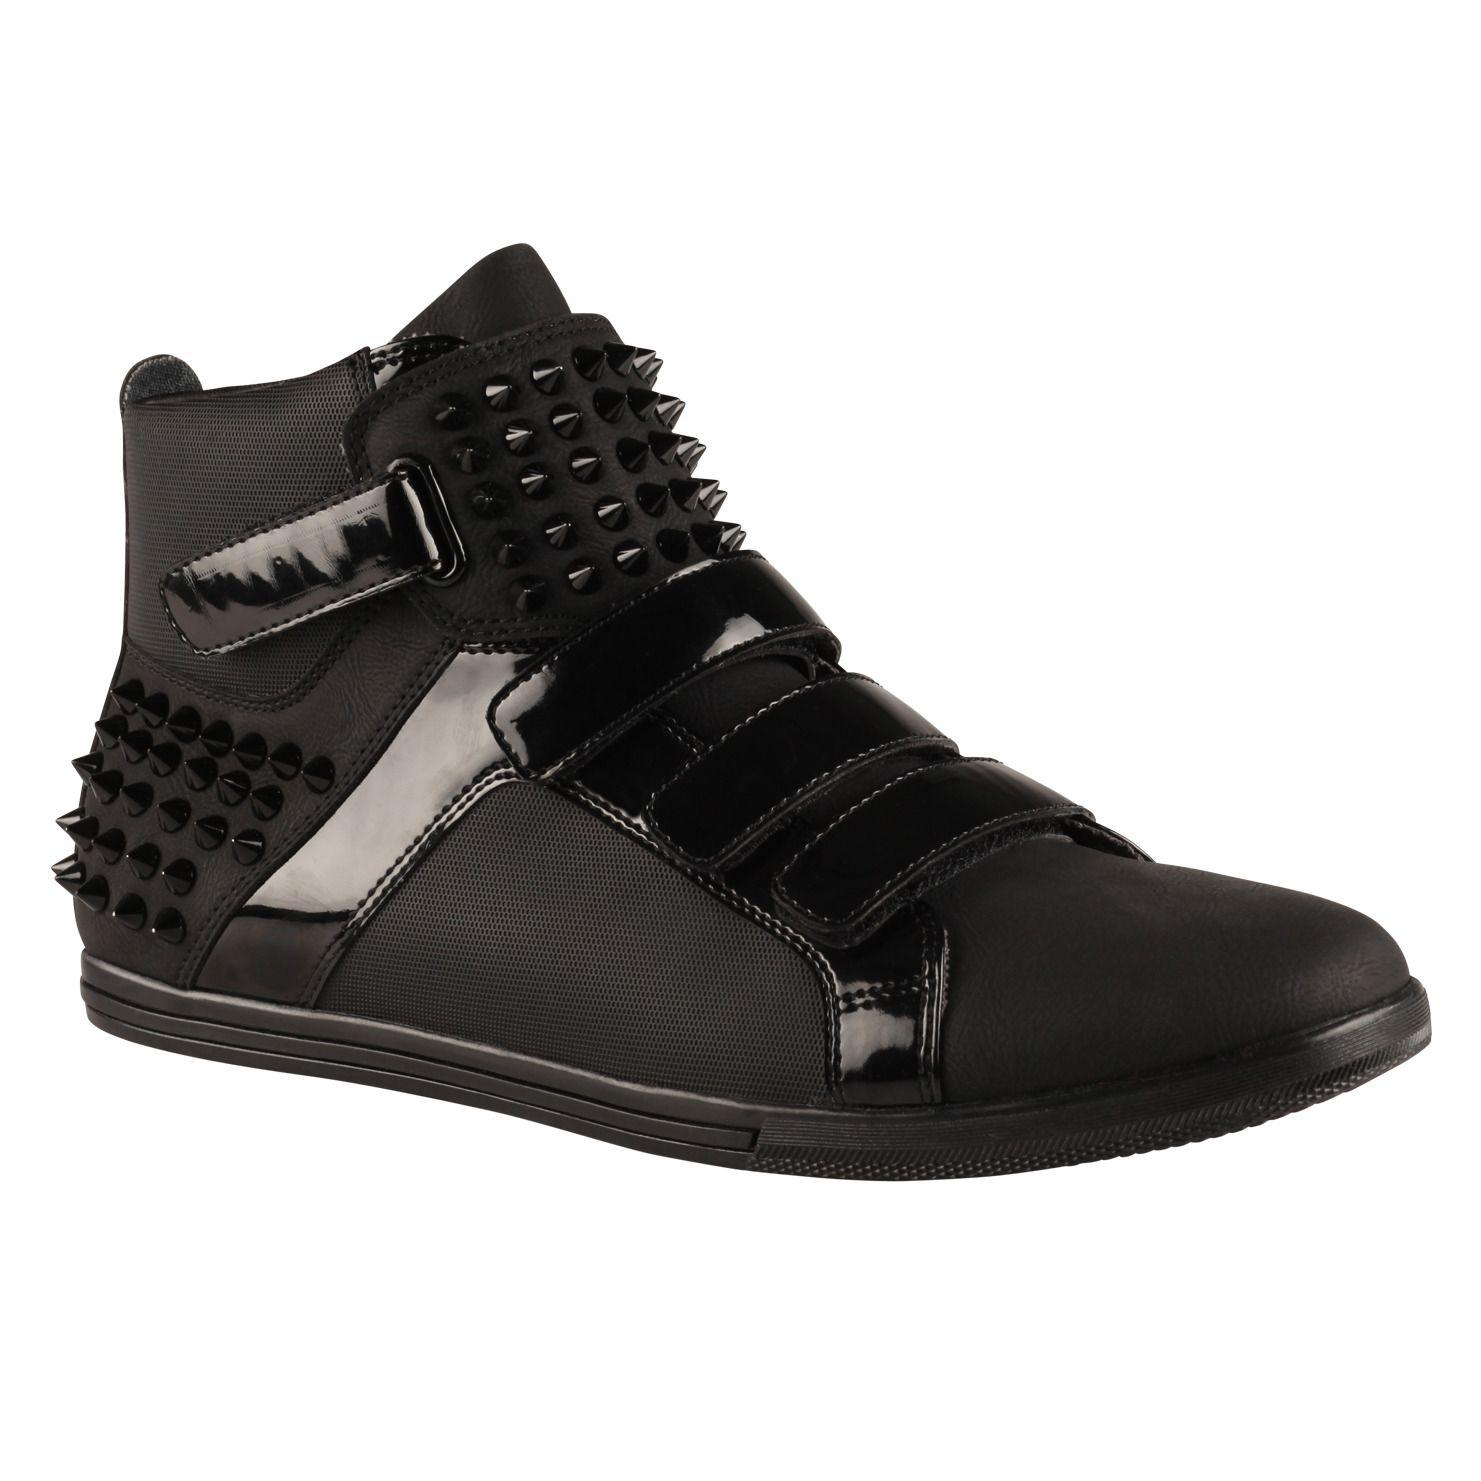 Aldo shoes mens